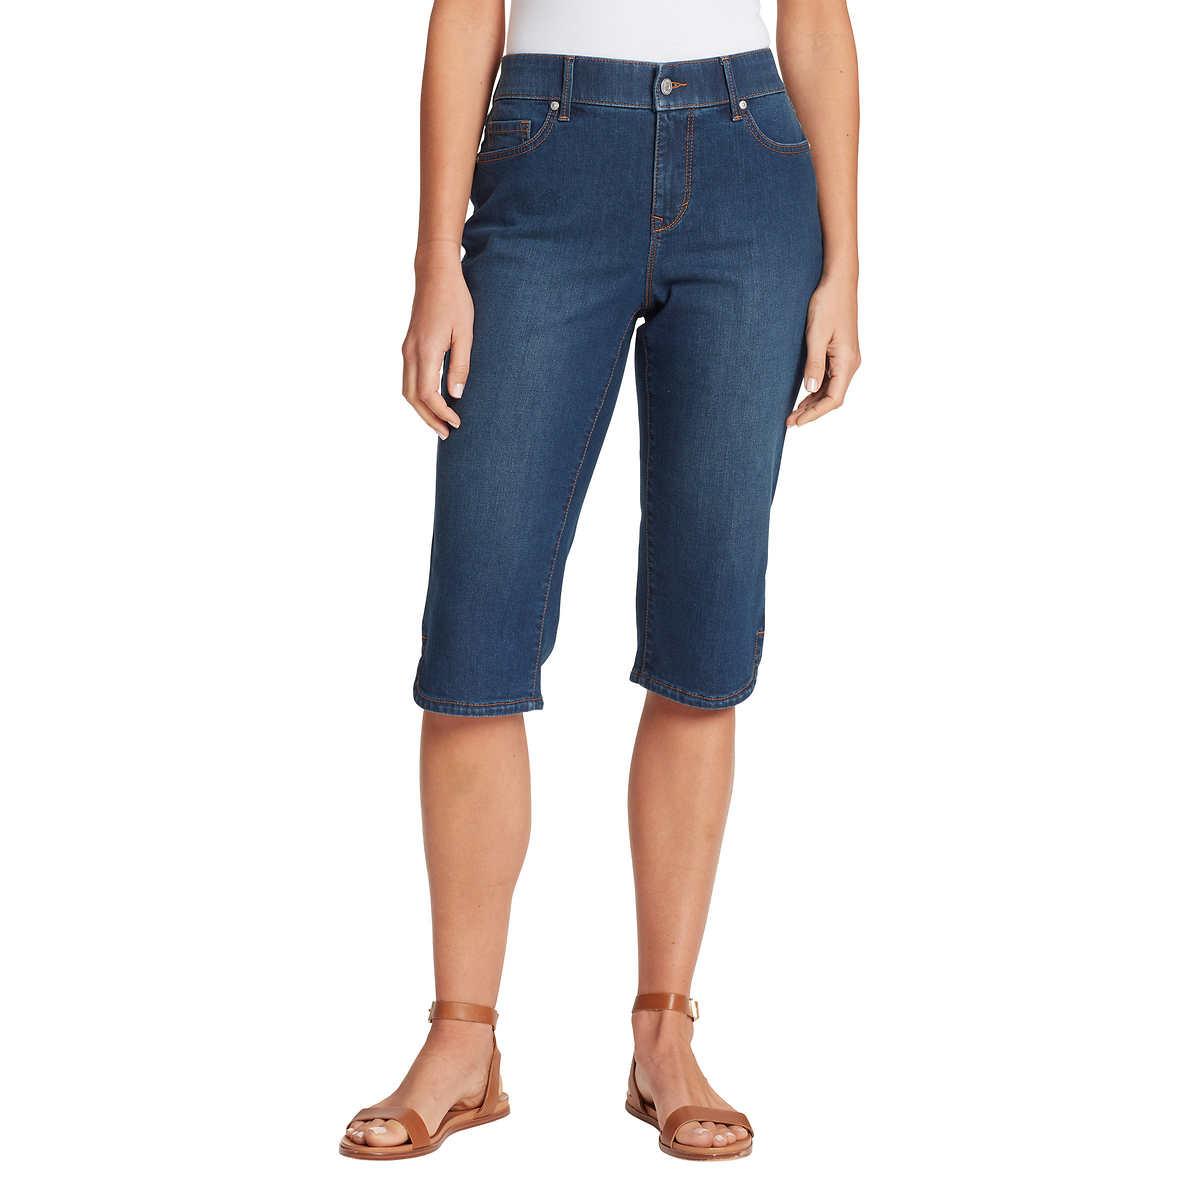 Gloria Vanderbilt Ladies' Skimmer Capri - Blue (Fairfax Denim) 4